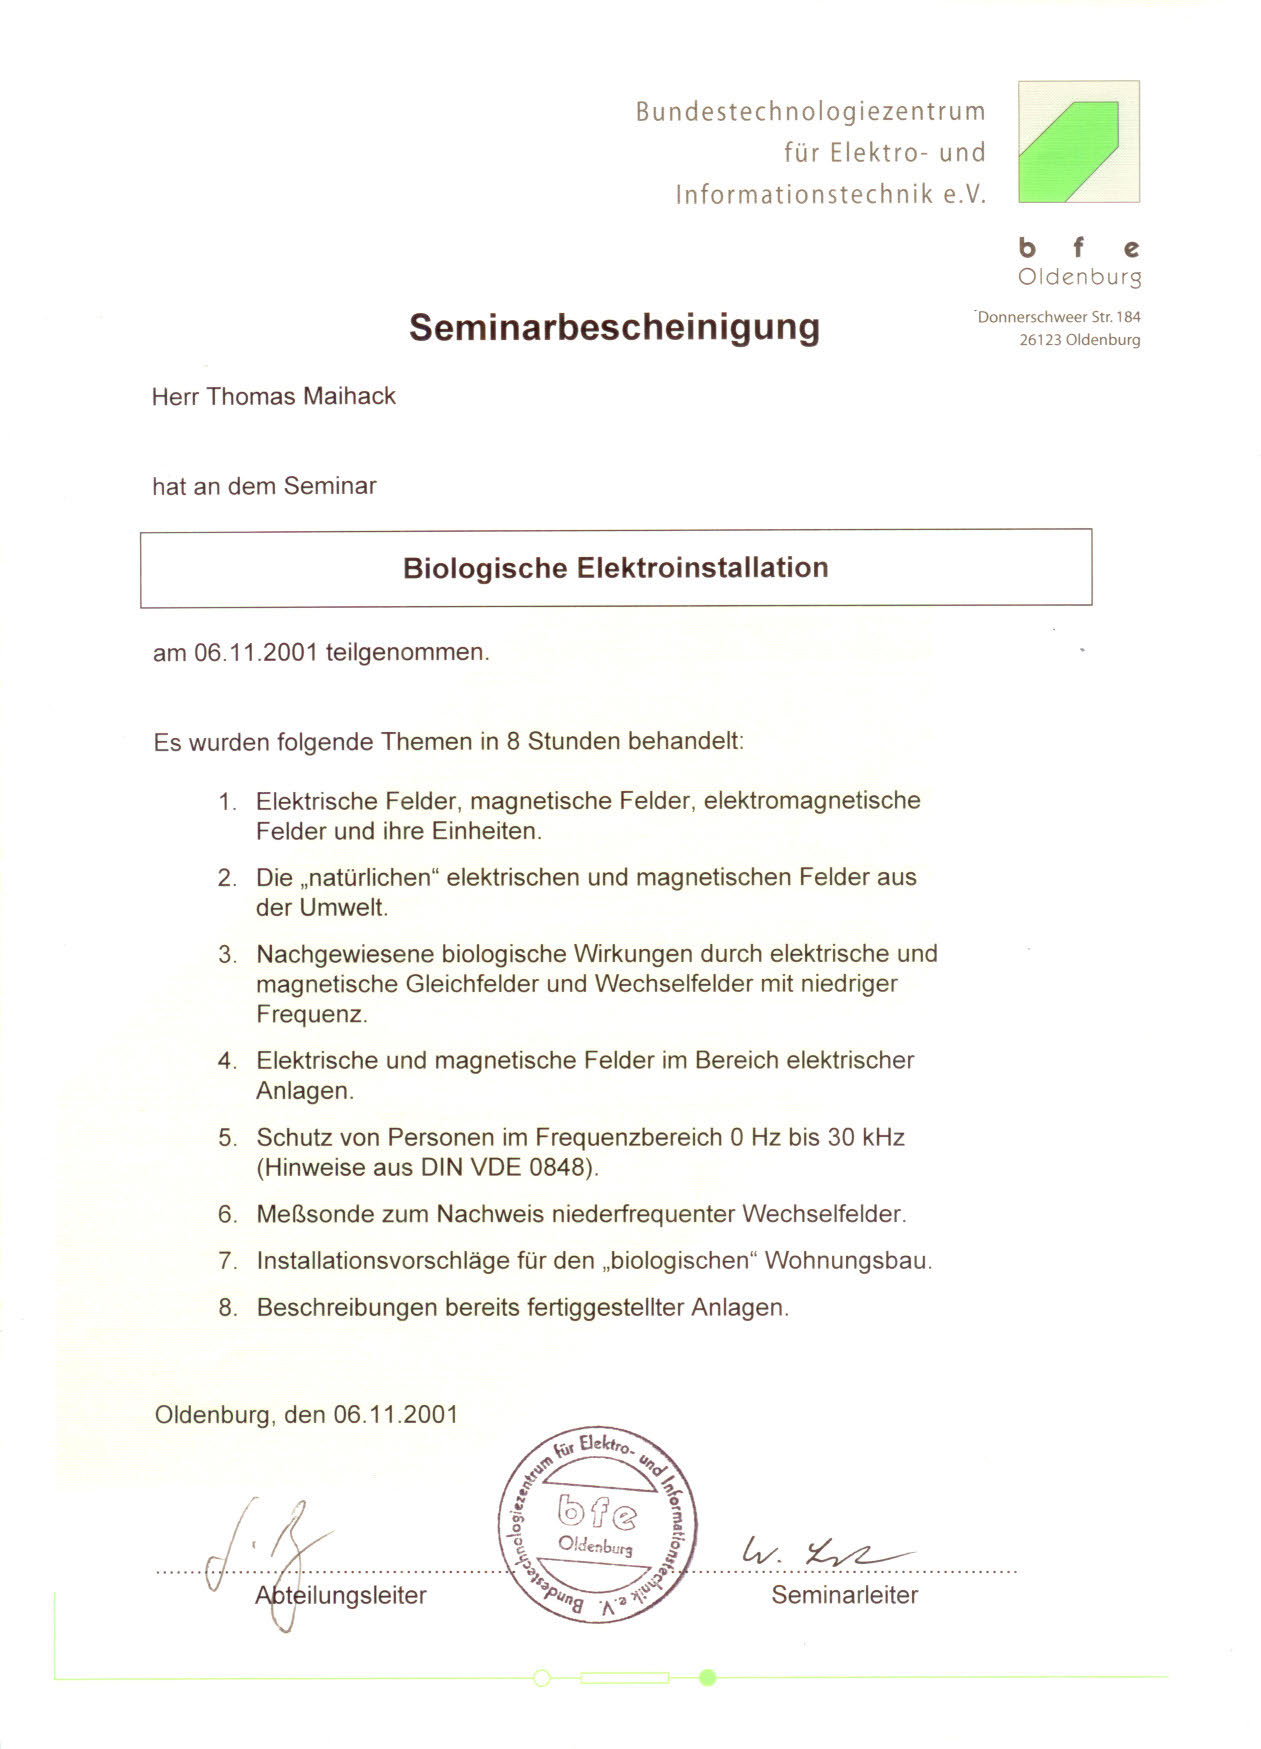 Charmant Ieee Symbole Elektrisch Zeitgenössisch - Der Schaltplan ...